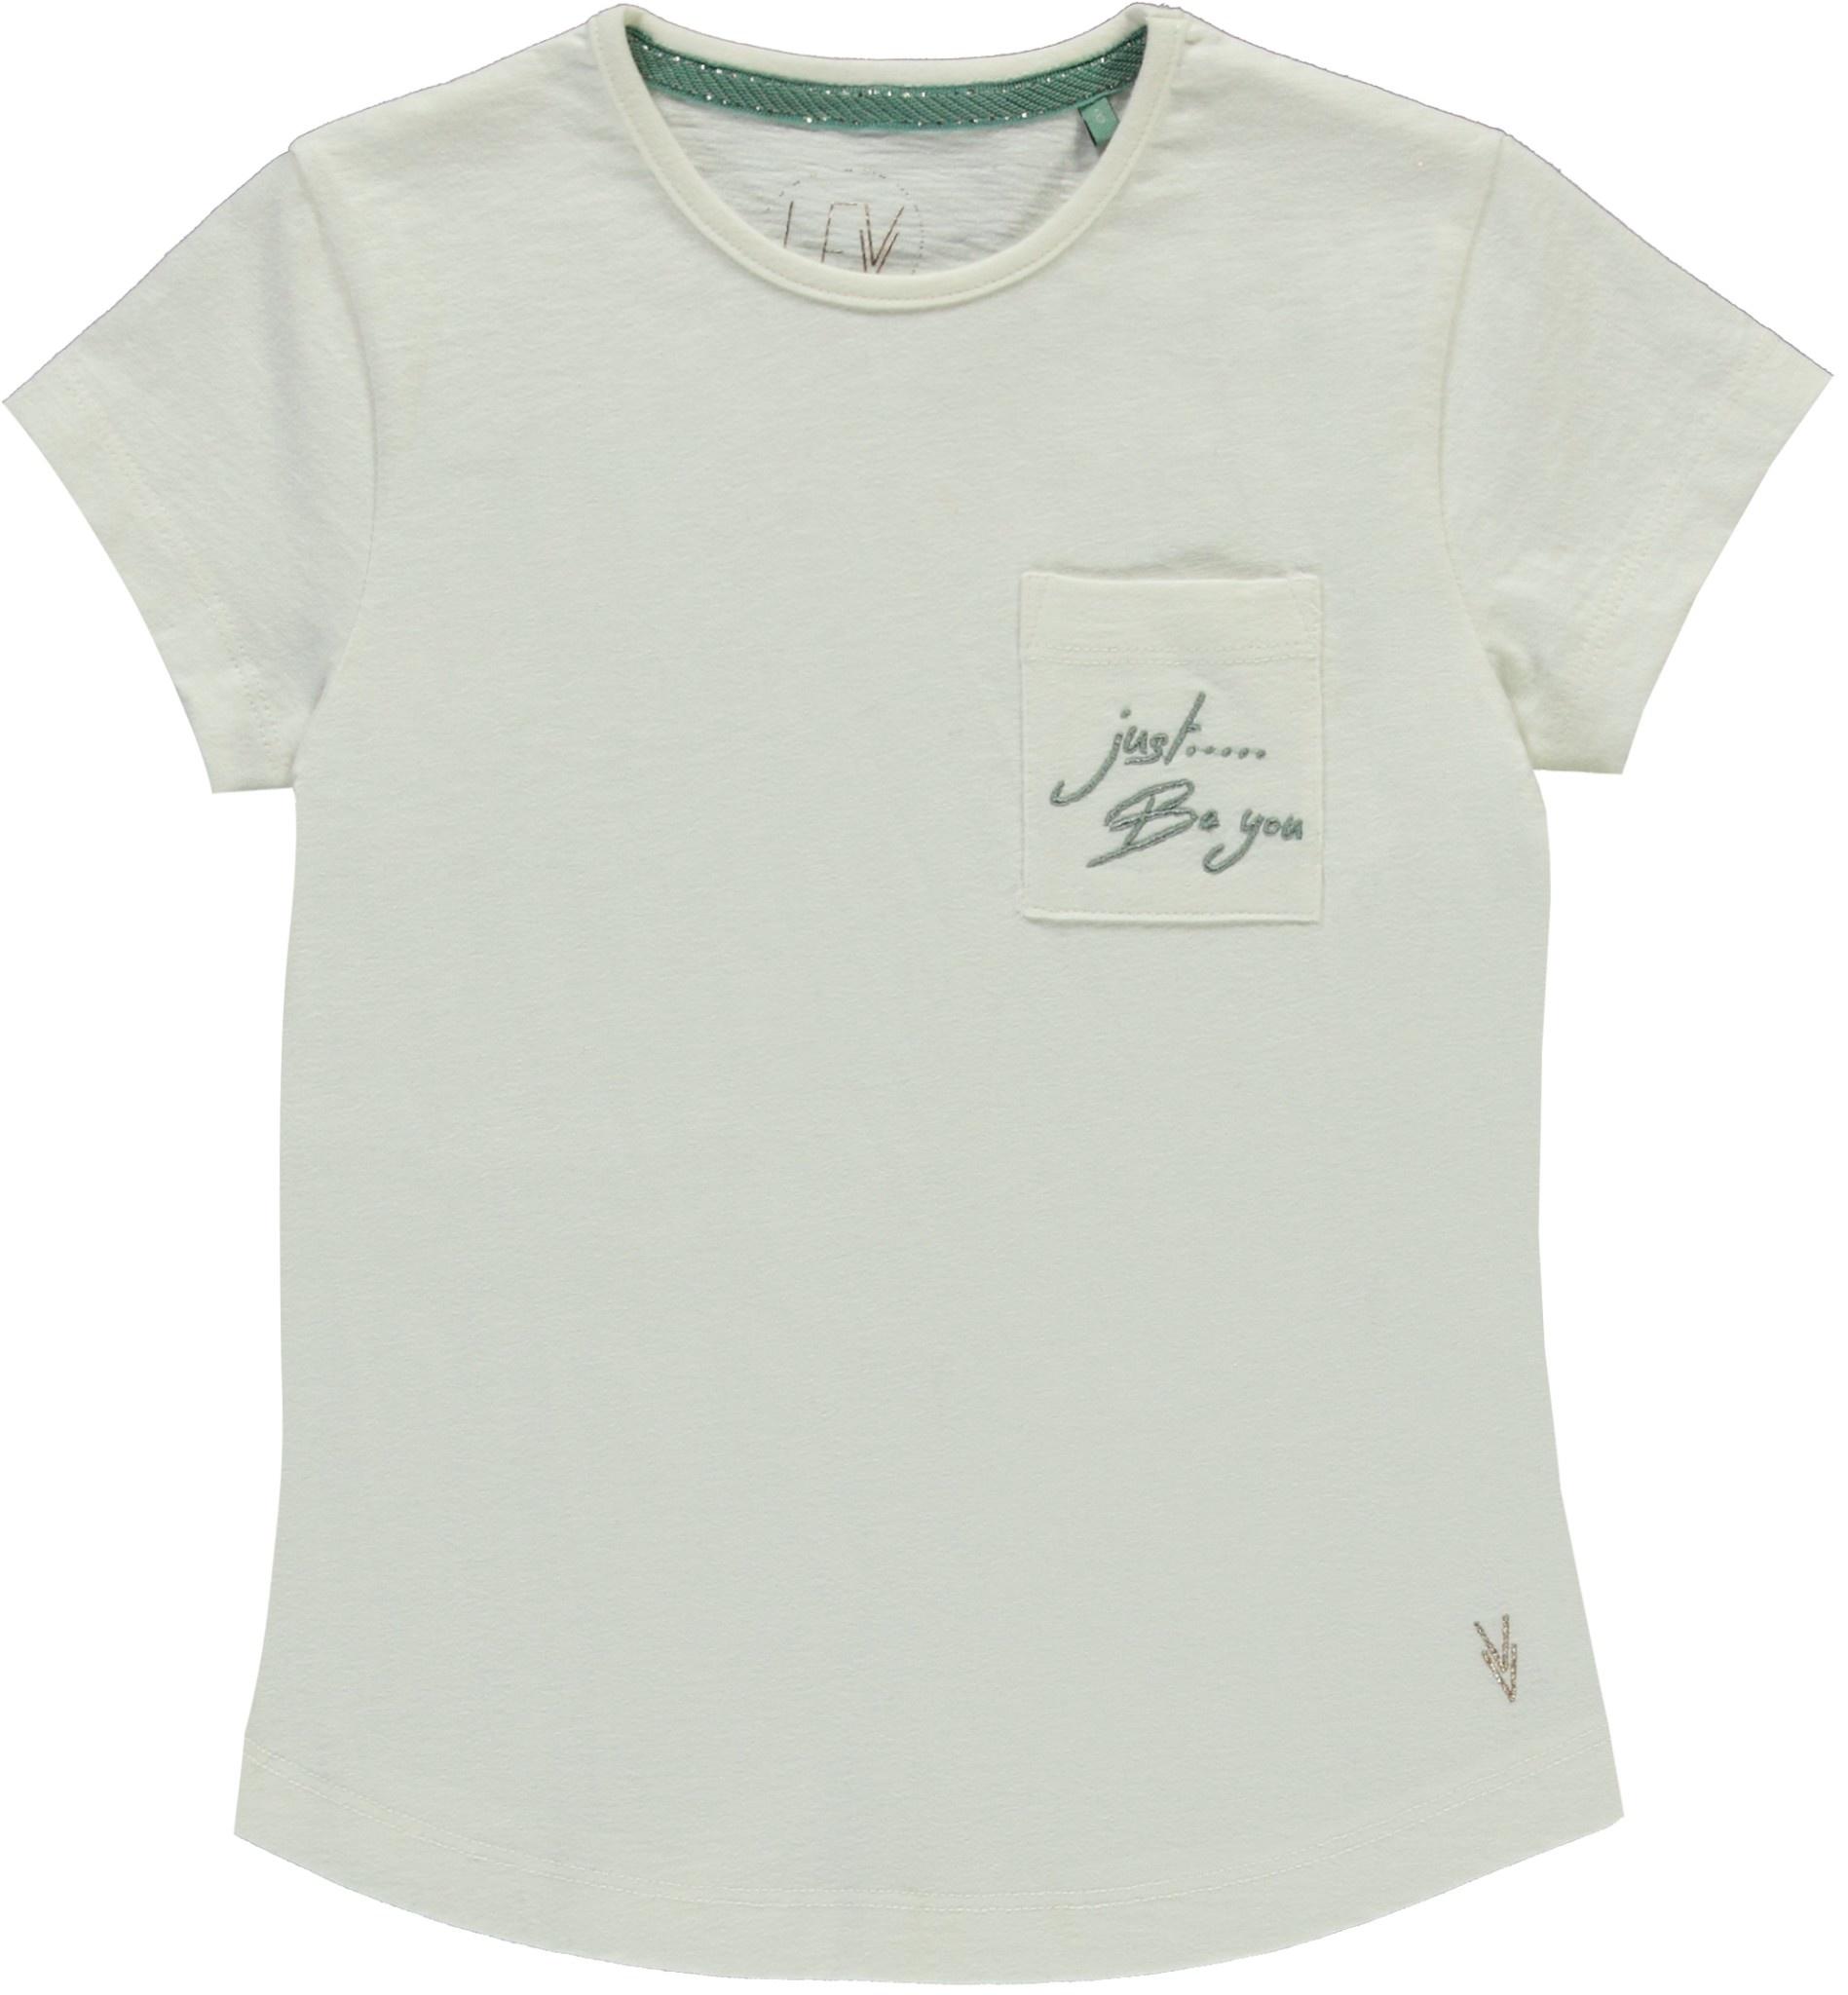 Levv Levv T-shirt Briza off white